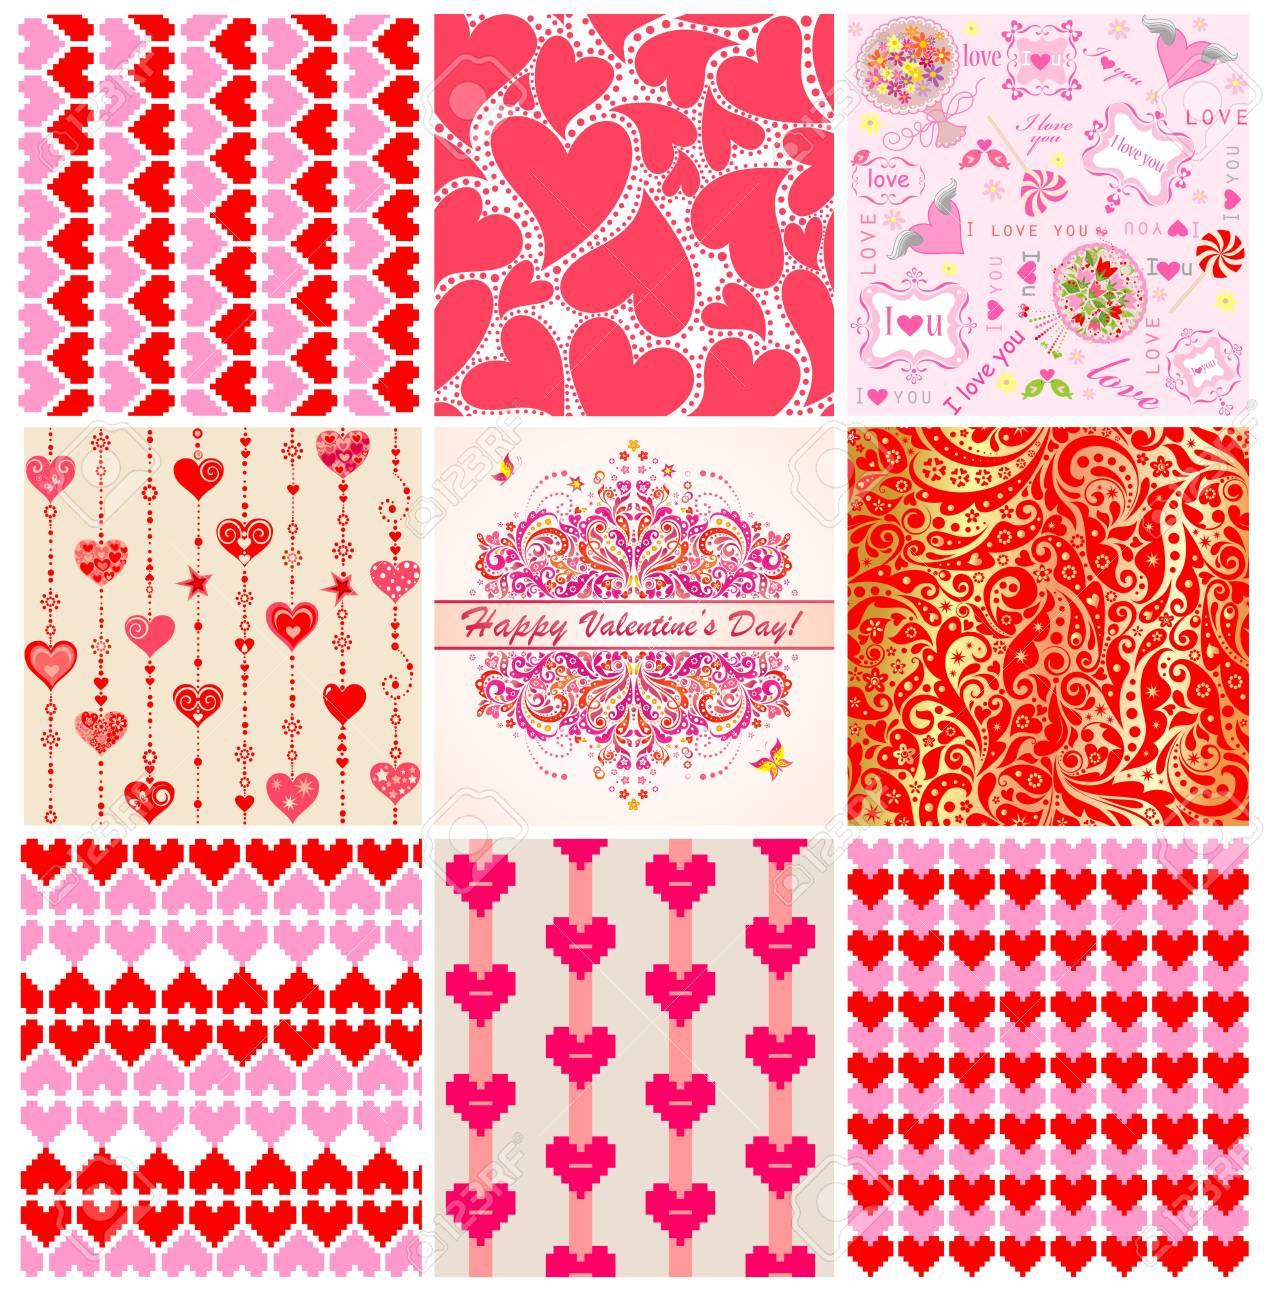 Sammlung Von Hintergrundbilder Fur Den Valentinstag Lizenzfrei